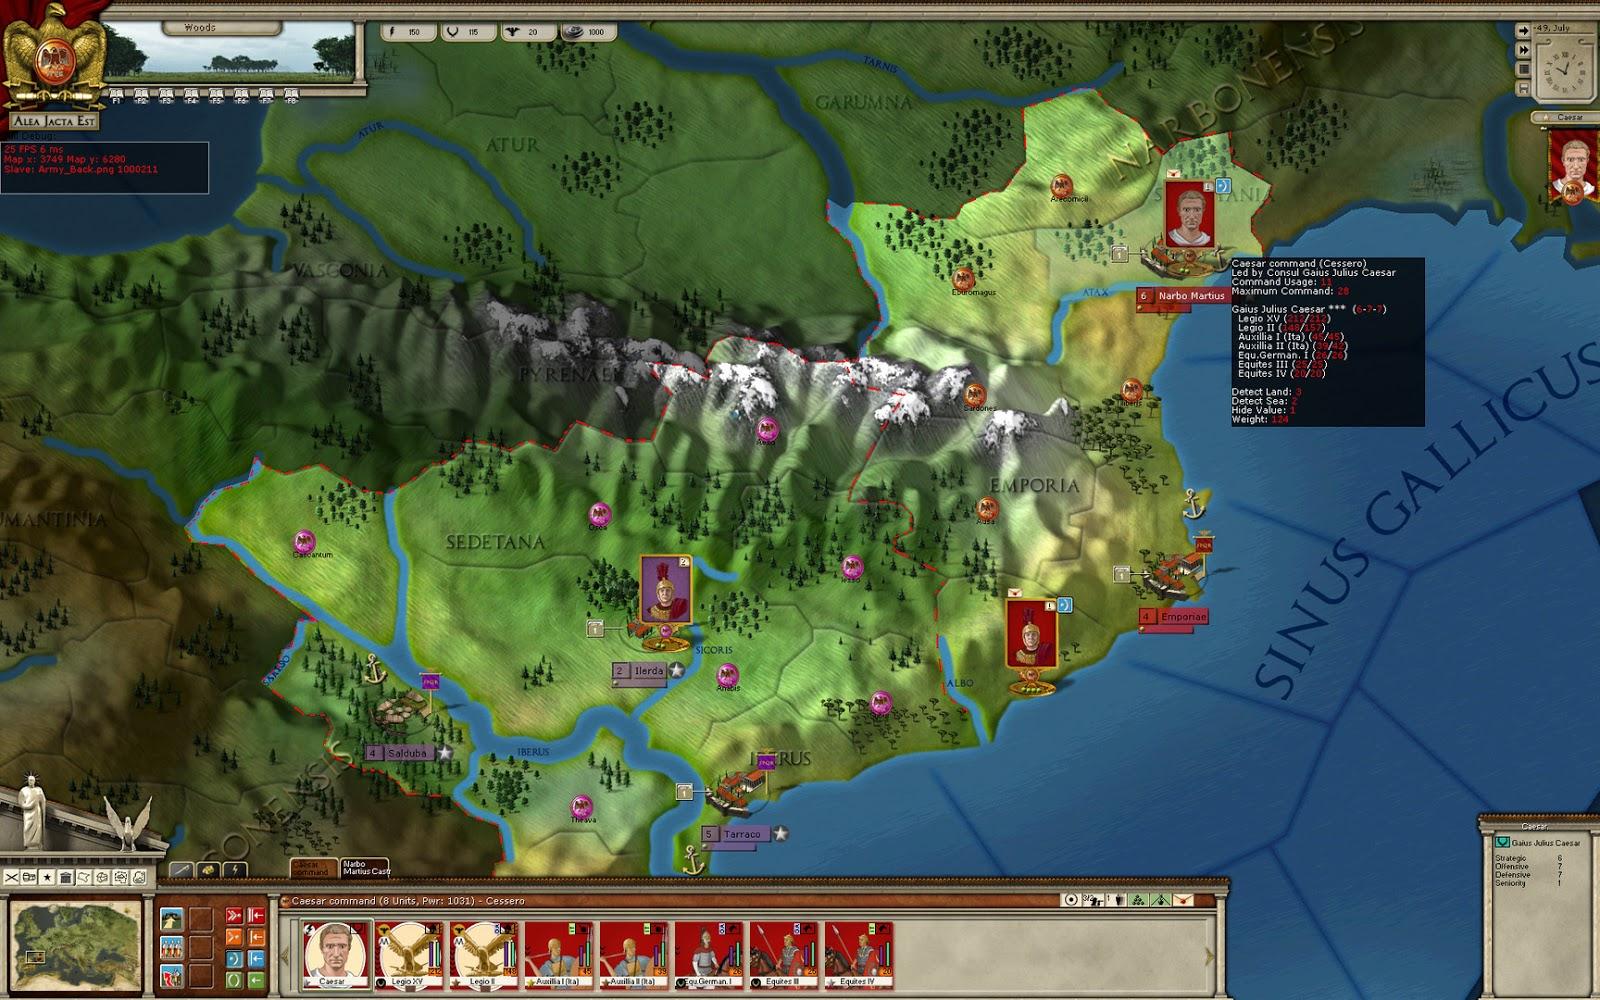 Alea Jacta Est: Roman Civil Wars torrent download for PC